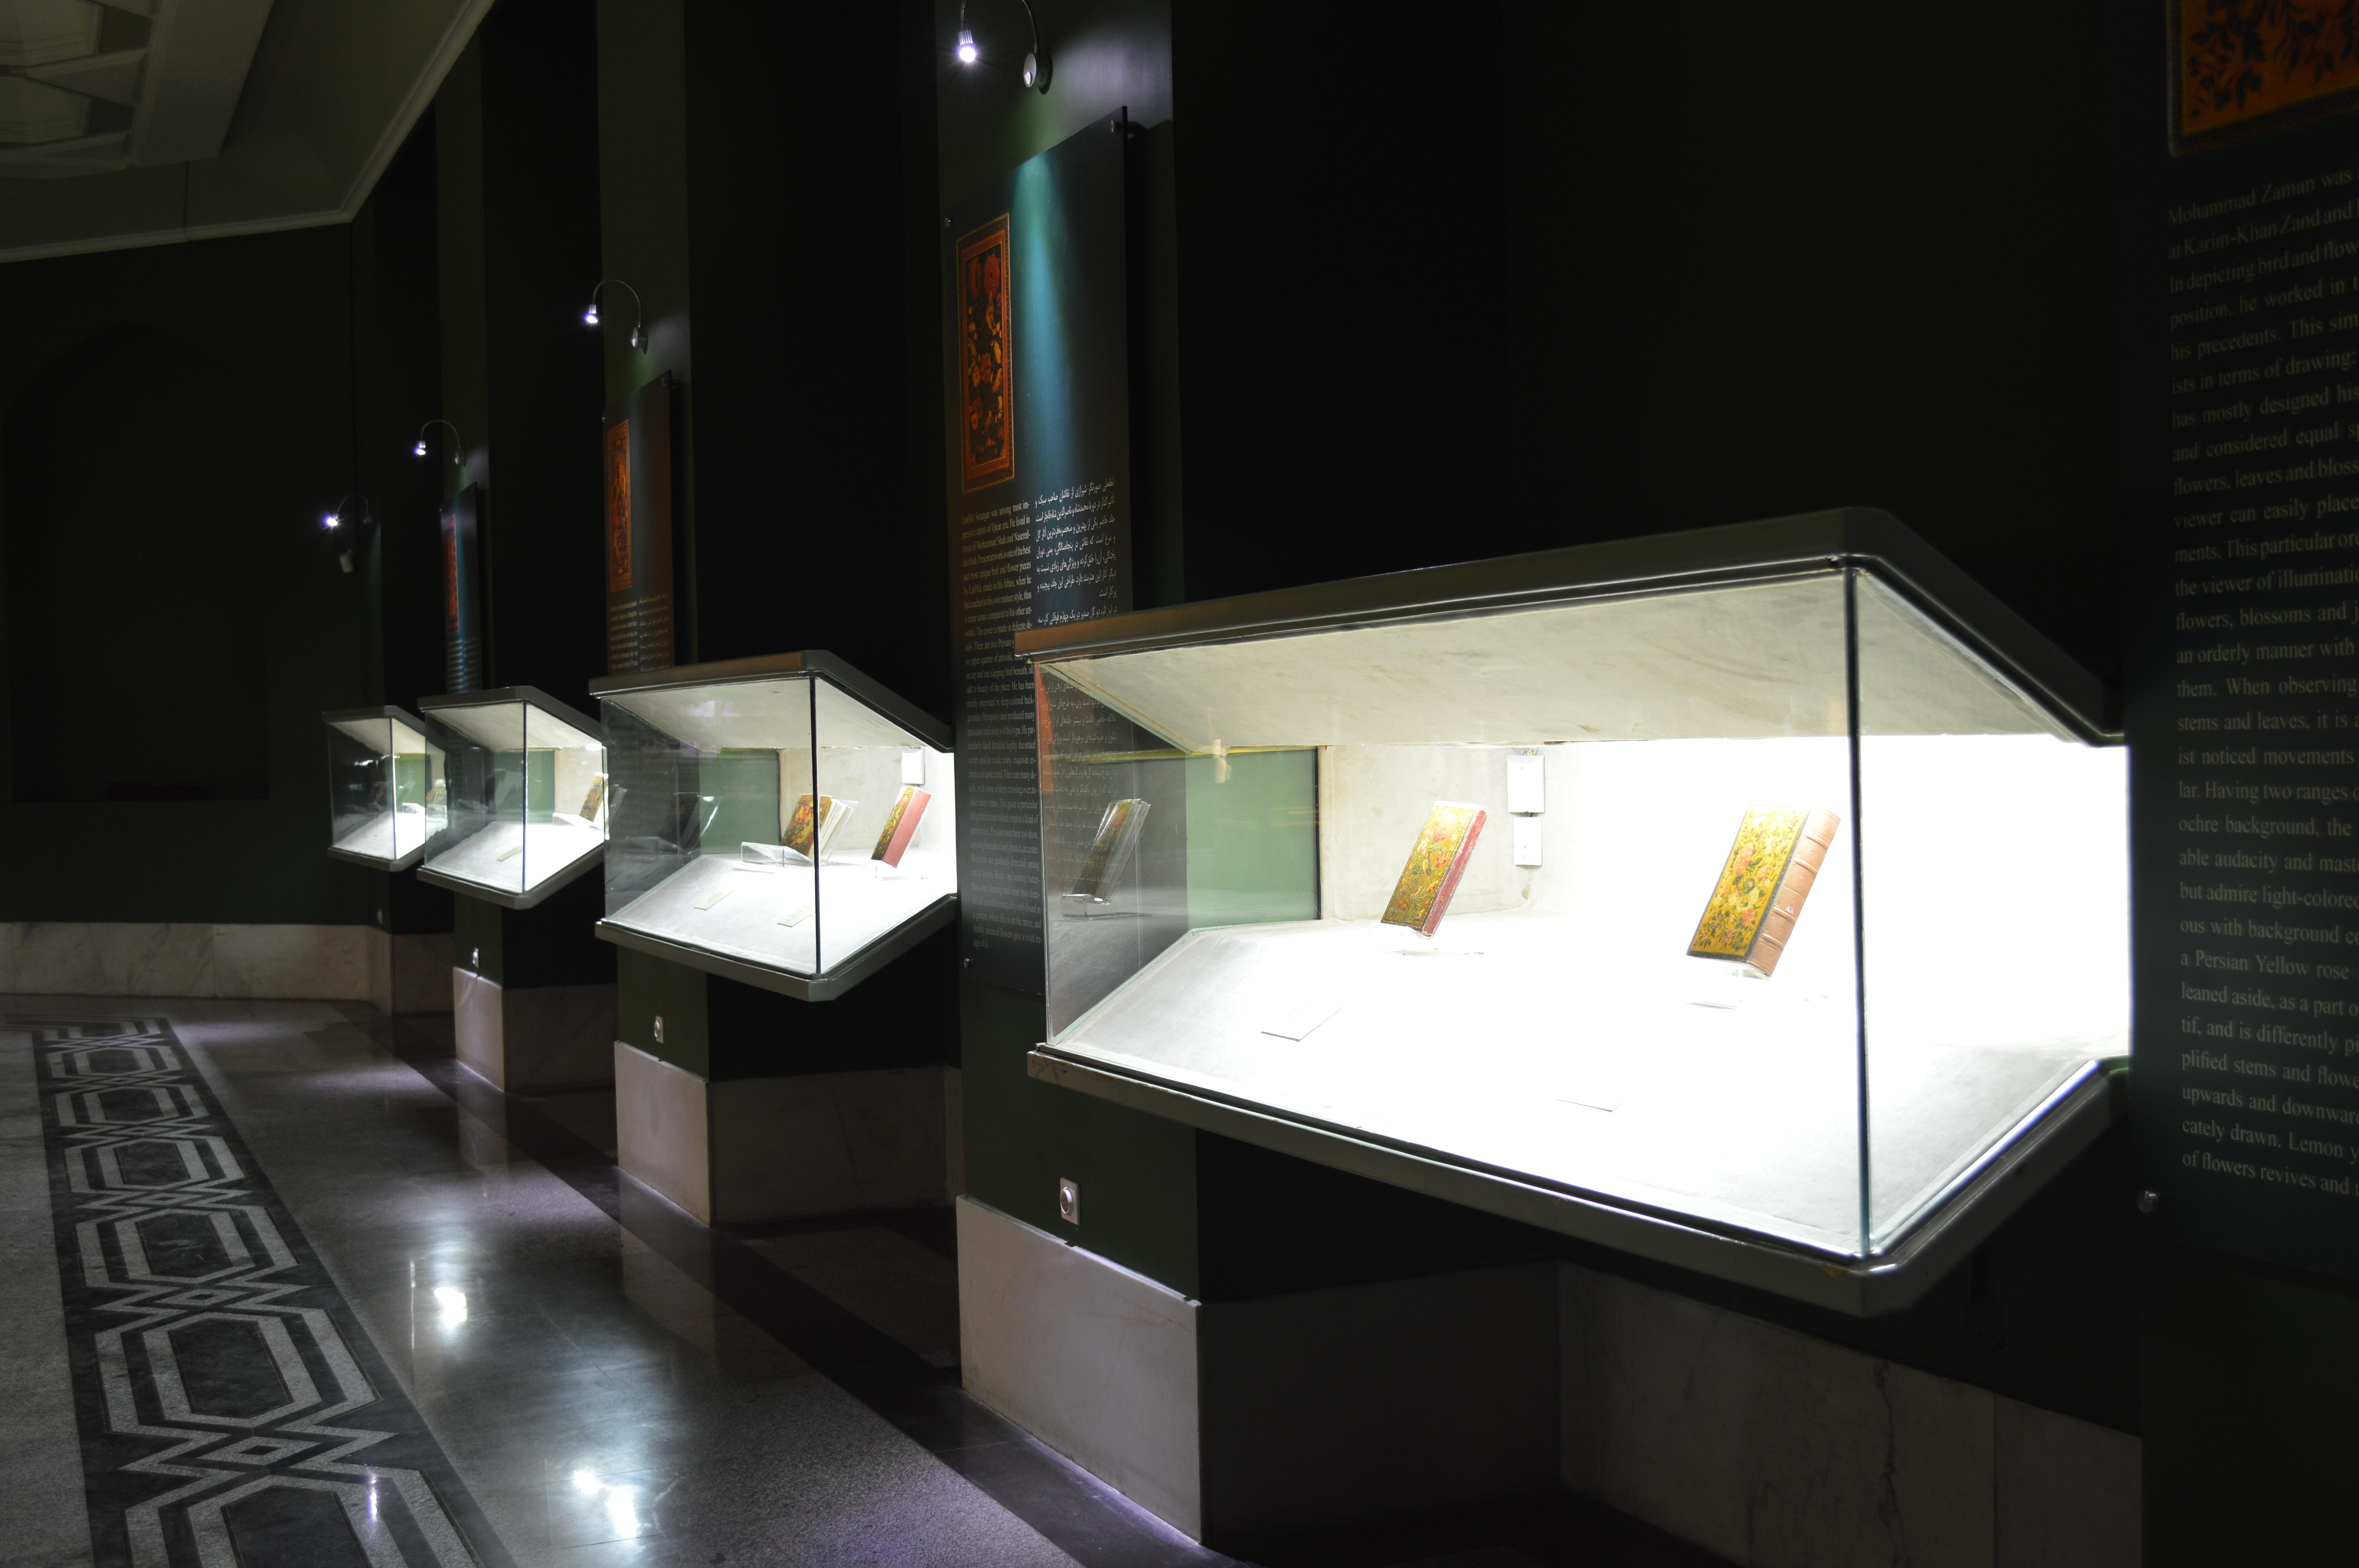 نمایشگاه دائمی آثار لاکی (جلد ها و قاب آیینه ها)